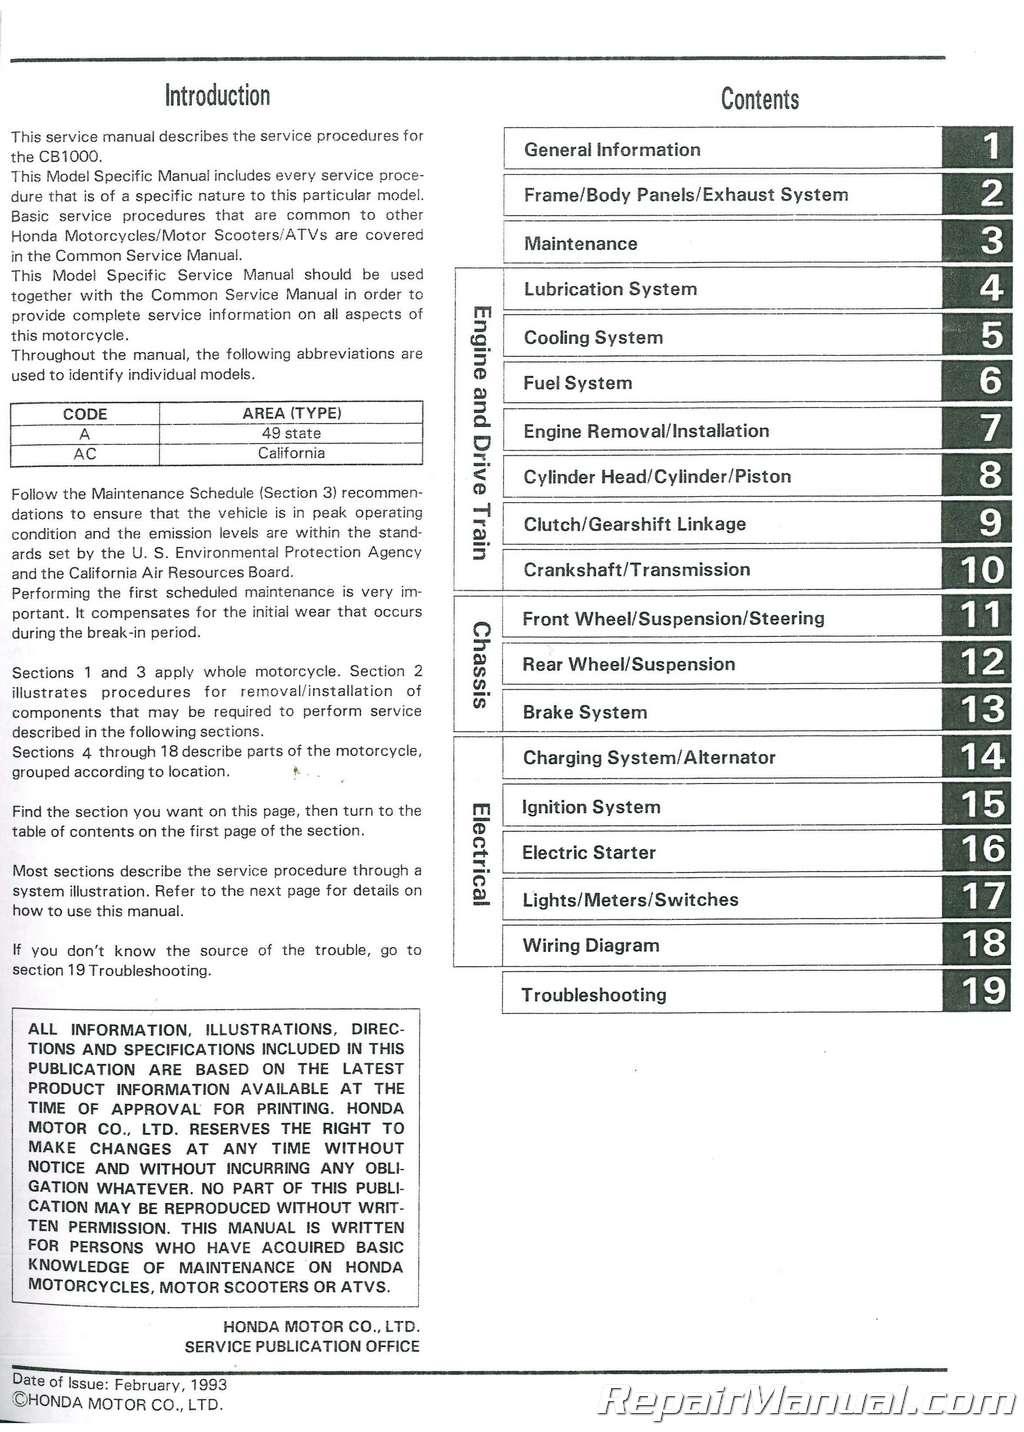 1995 Honda Cb1000 Manual